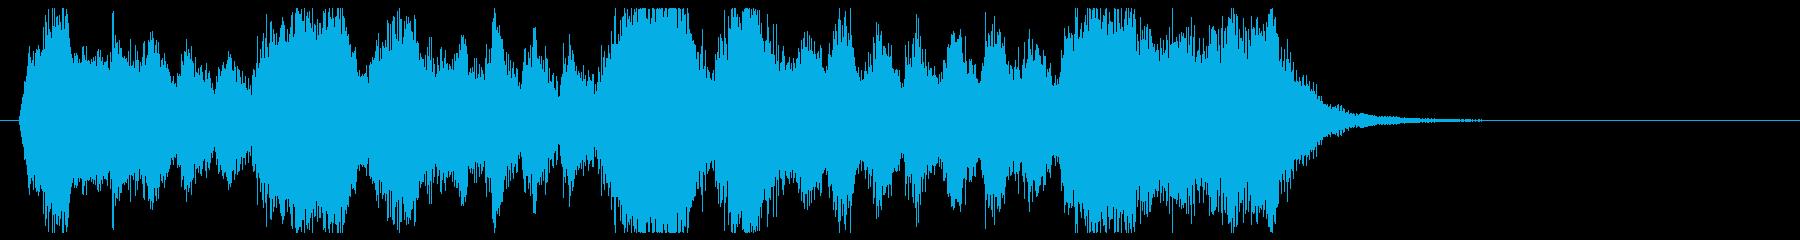 金管の荘厳なファンファーレの再生済みの波形